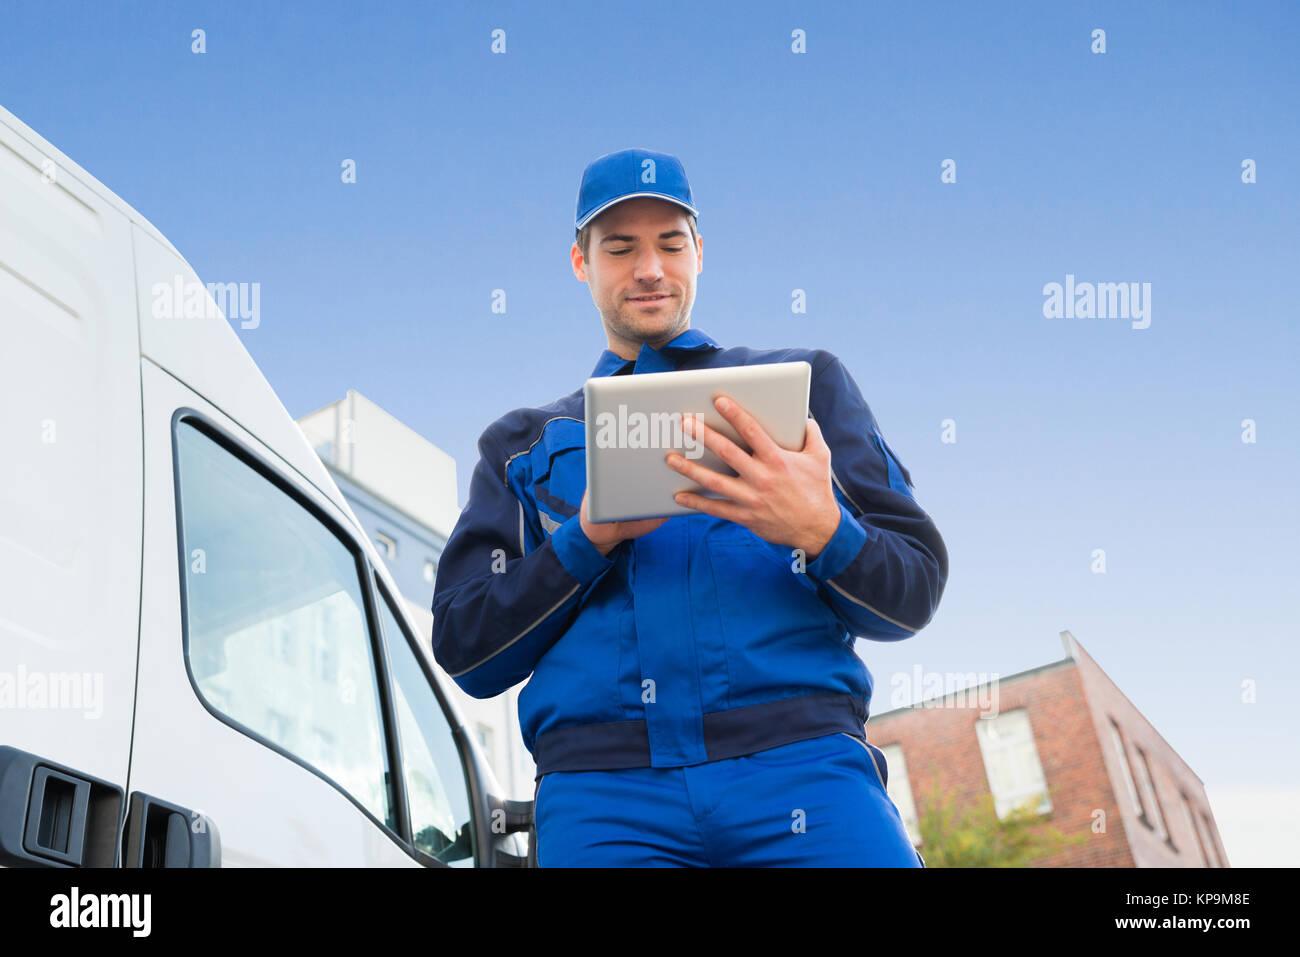 Delivery Man Using Digital Tablet par camion contre le ciel Photo Stock